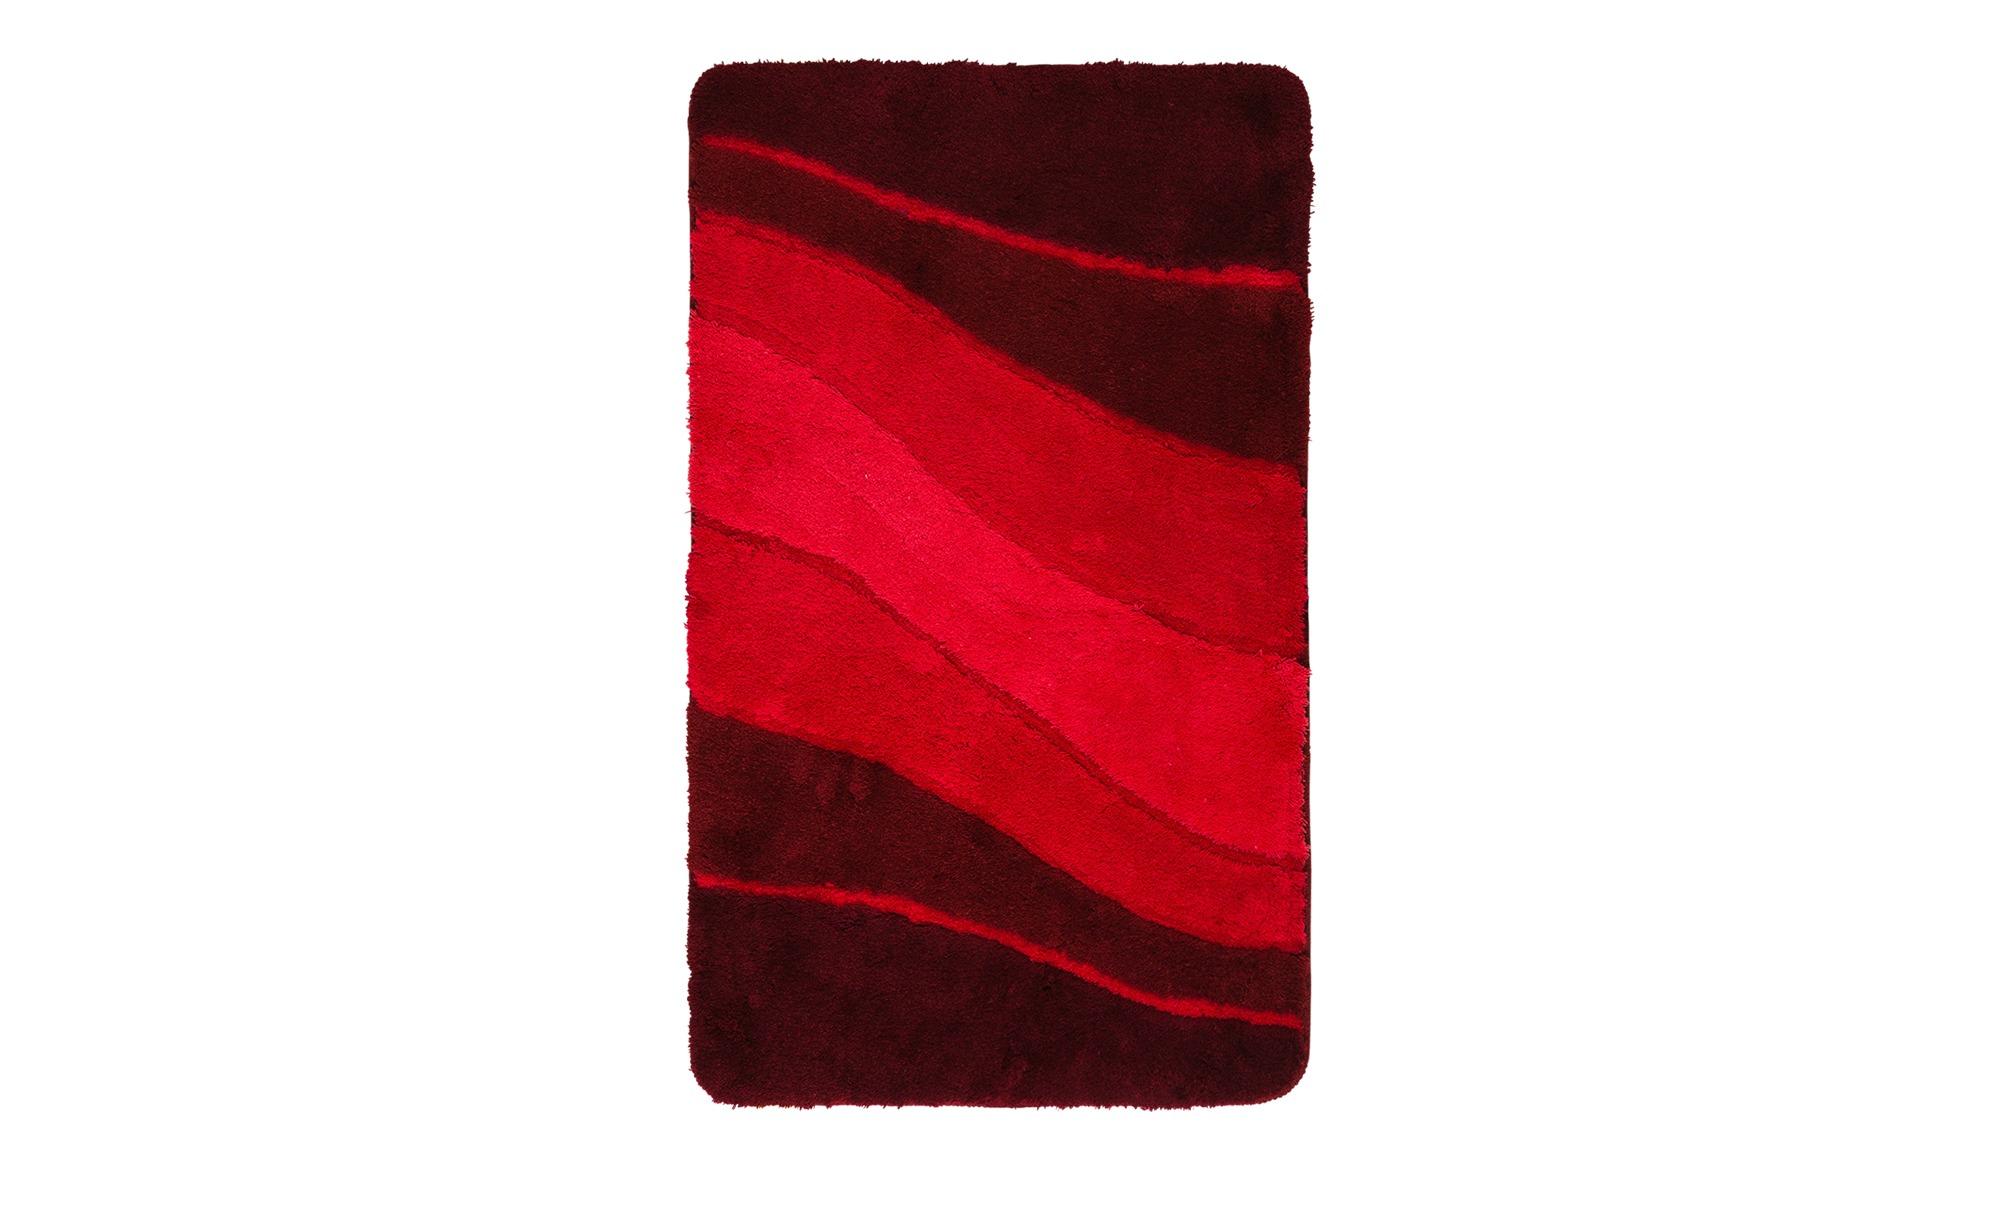 MEUSCH Badteppich  Ocean ¦ rot ¦ 100% Polyacryl ¦ Maße (cm): B: 60 Badtextilien und Zubehör > Badematten & Badvorleger - Höffner